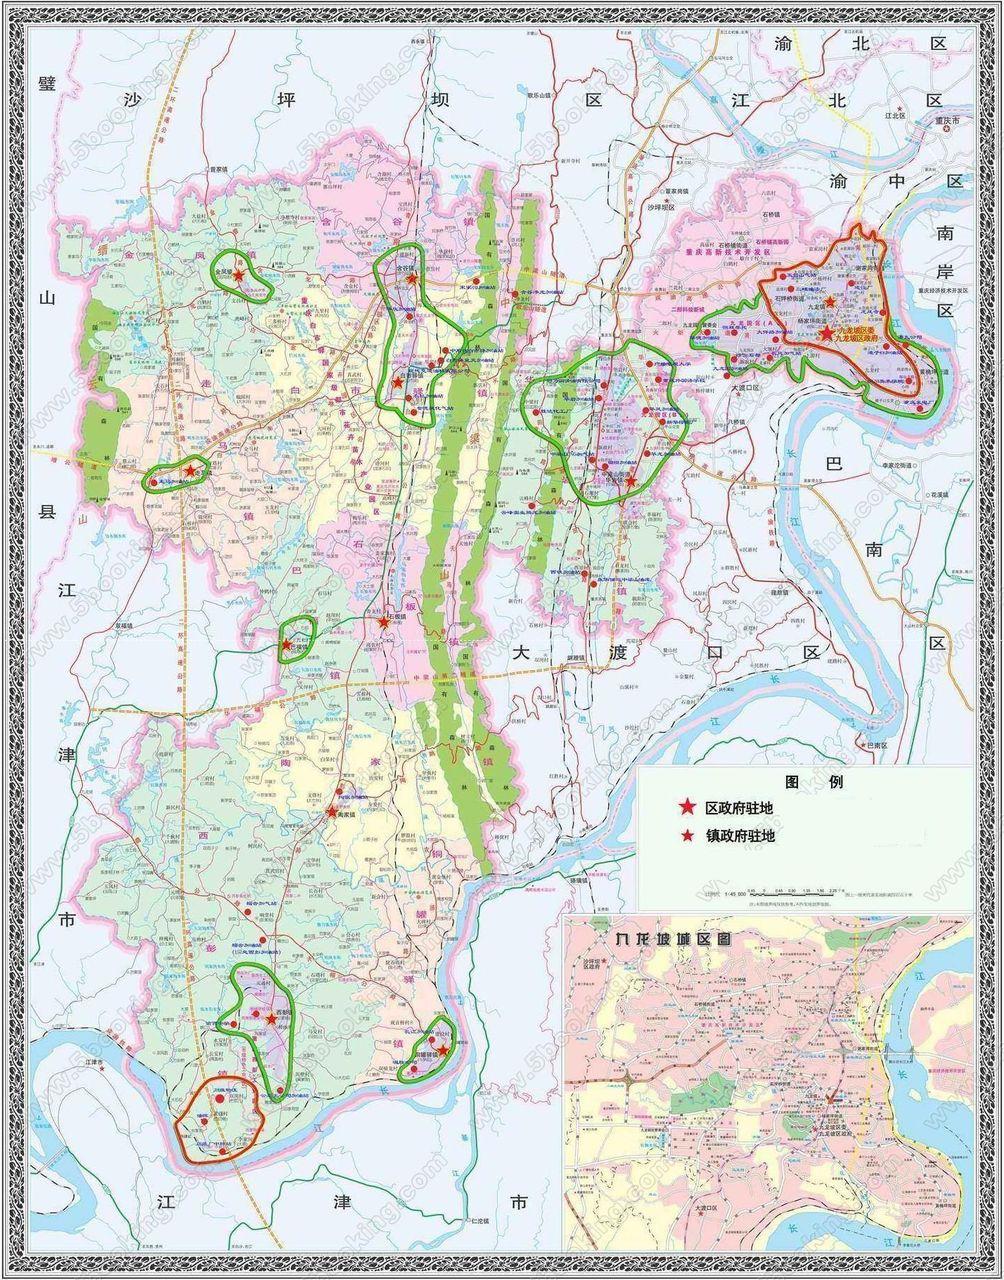 重庆市九龙坡区地图